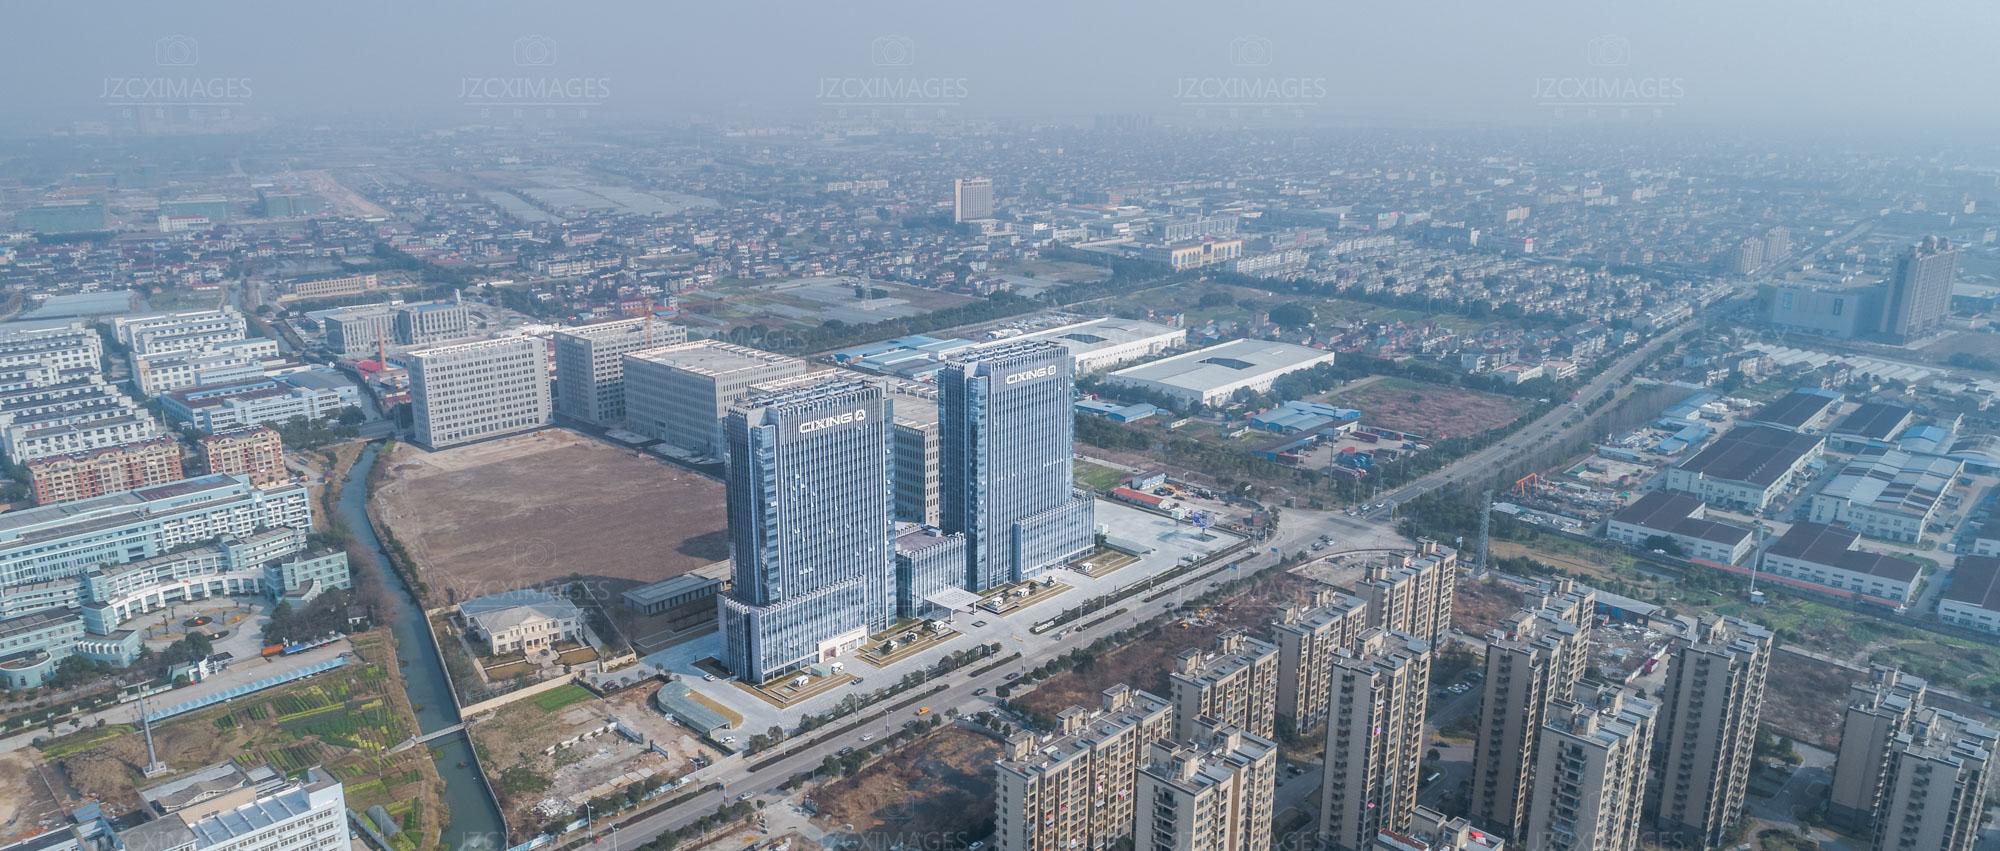 宁波慈星股份有限公司纺织软件科技园